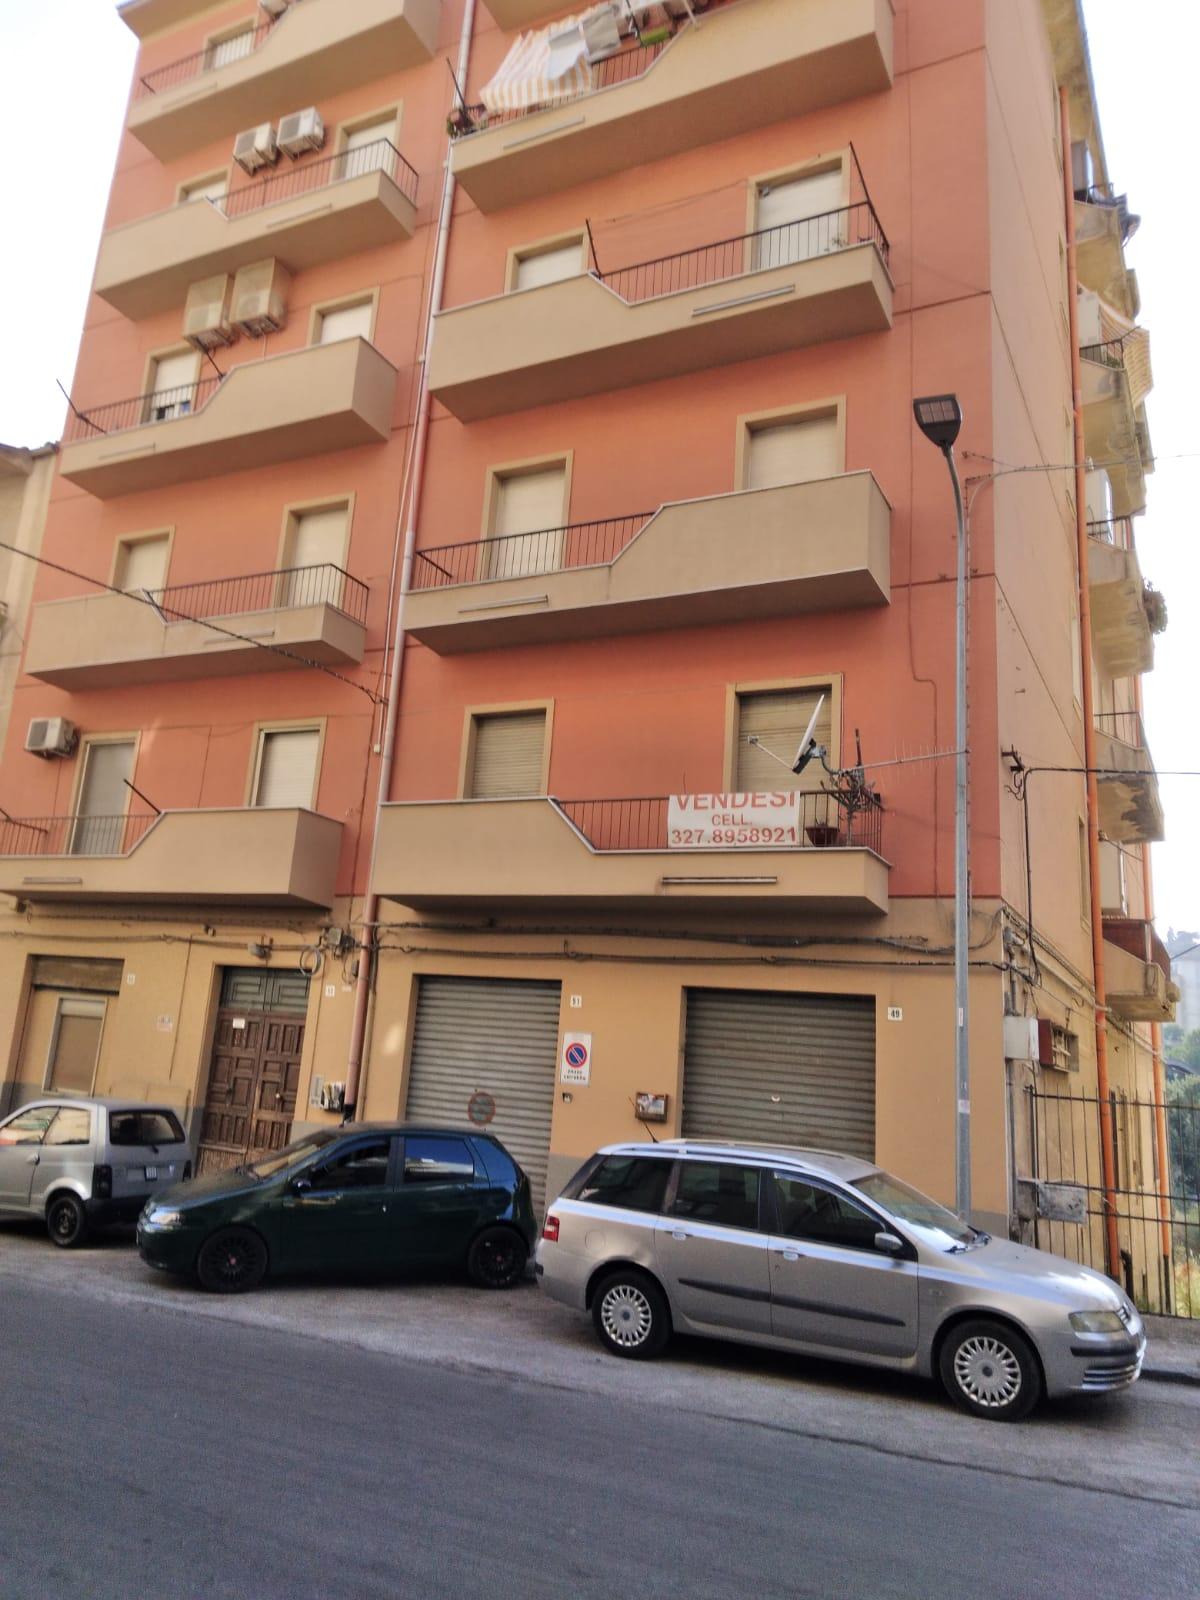 Appartamento e box in Via N. Colajanni